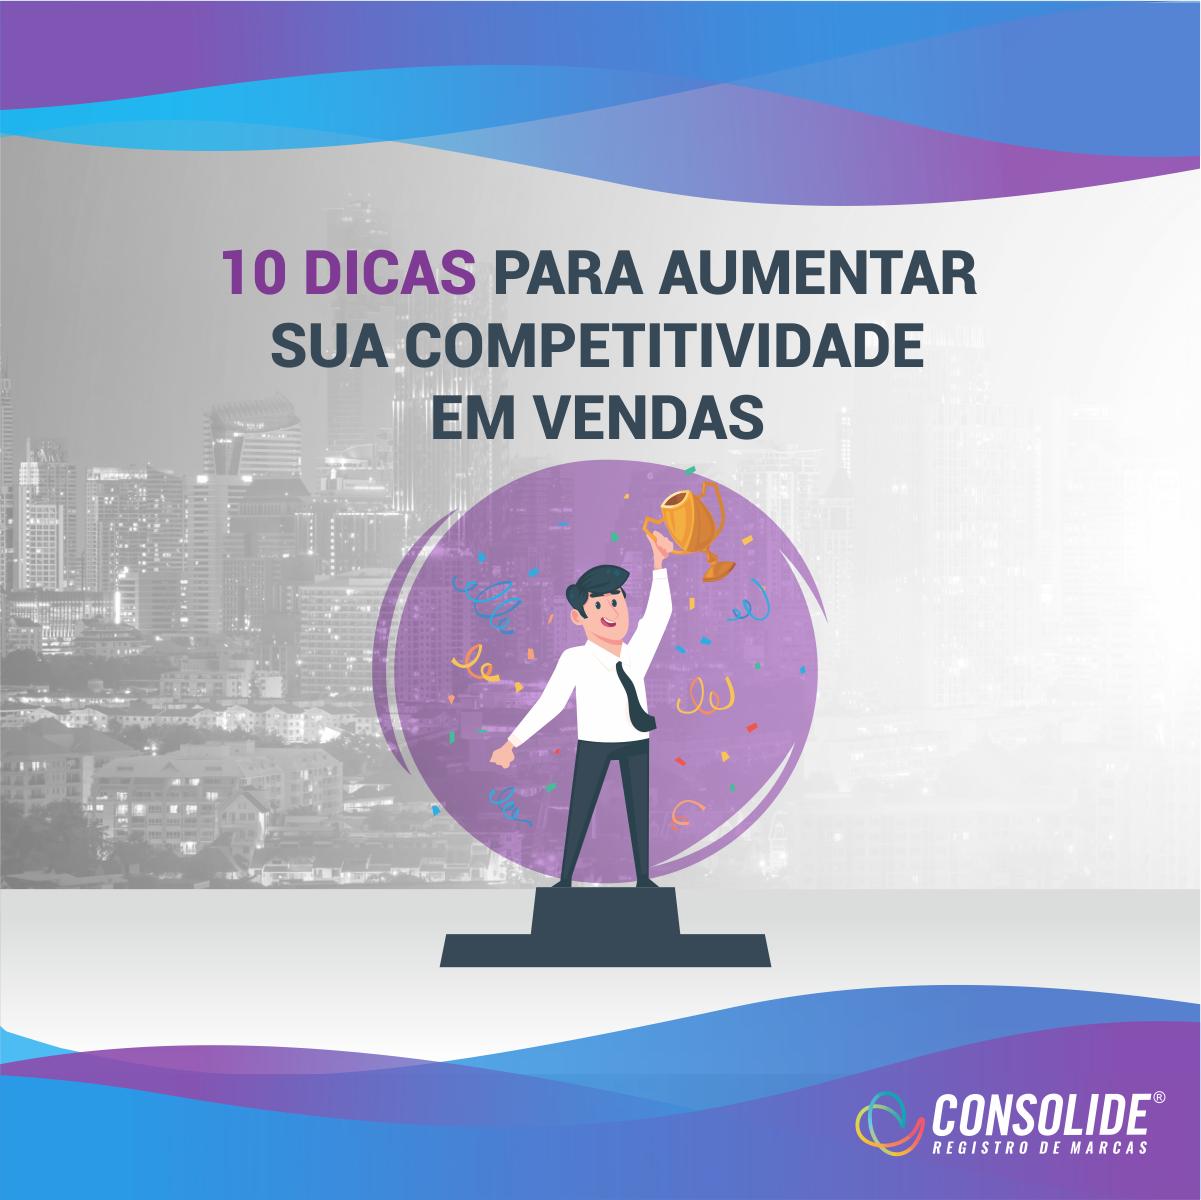 Vença seu concorrente: 10 Dicas para aumentar sua competitividade em vendas